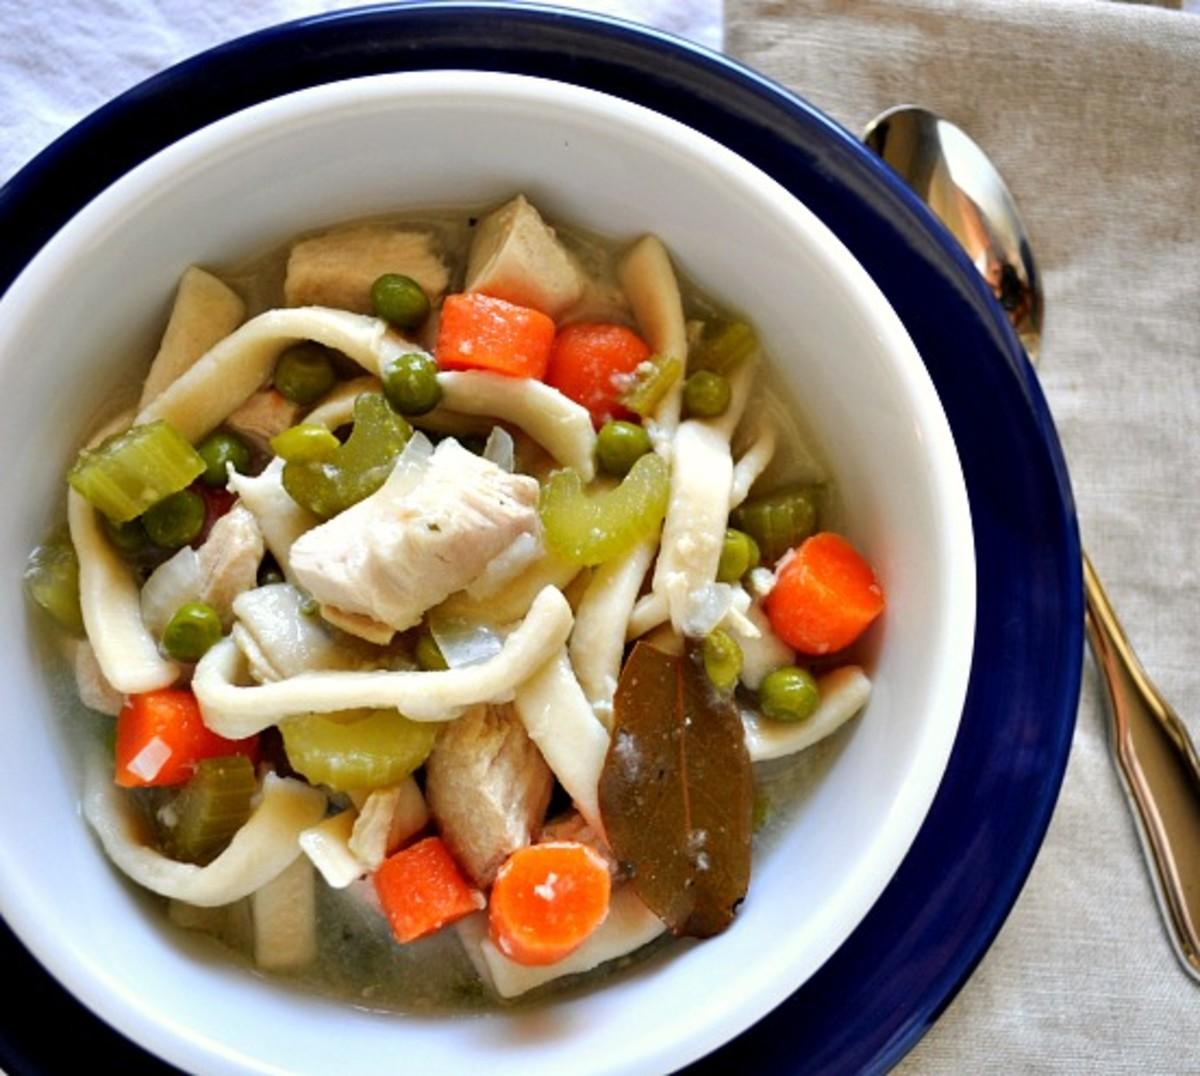 Homemade Chicken Noodle Soup - TodaysMama.com